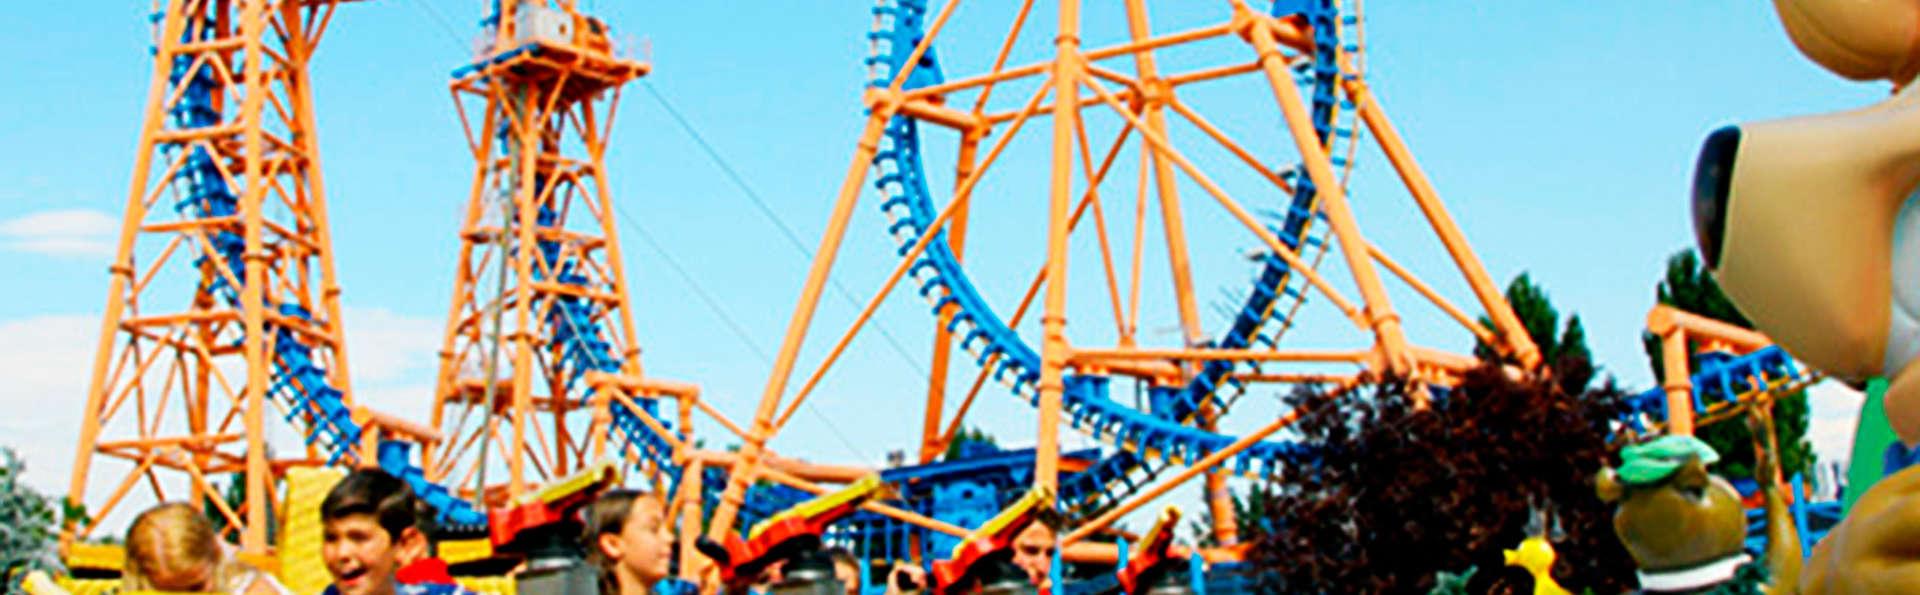 ¡Adrenalina en estado puro! Entradas al Parque Warner y hotel a 20 minutos en Fuenlabrada